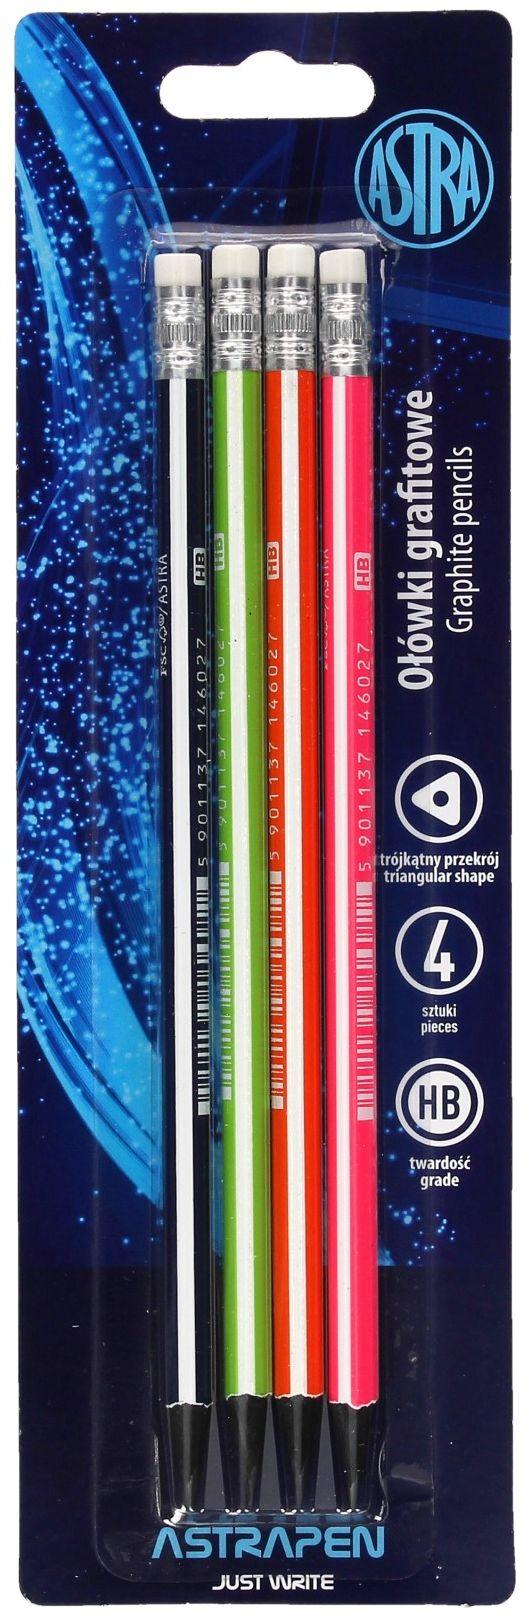 Ołówki grafitowe HB z gumką czarne drewno Astra - 4 szt.